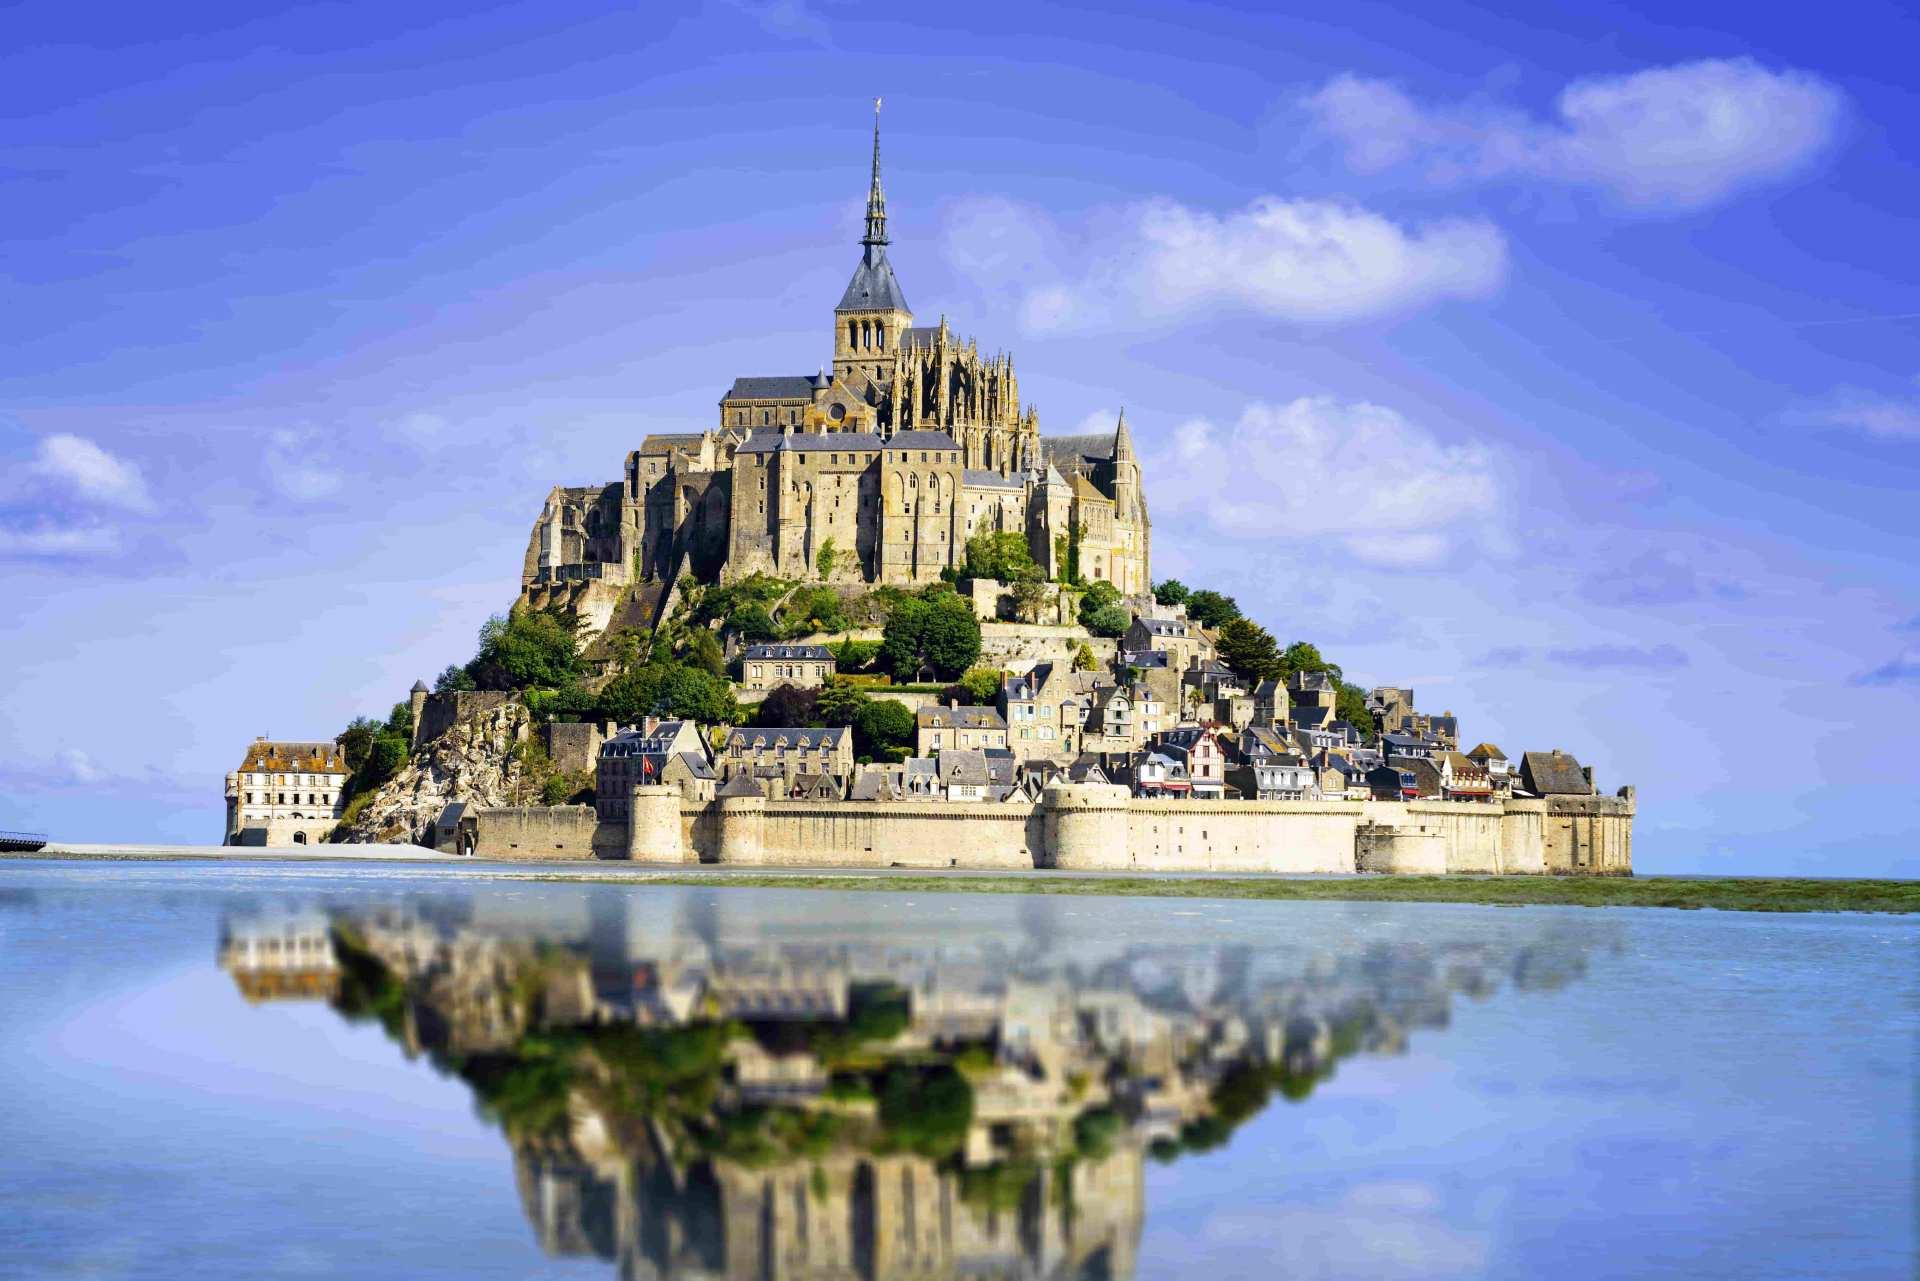 【パリ出発】世界遺産モン・サン・ミッシェル1日ツアー(日本語ガイド選択可)